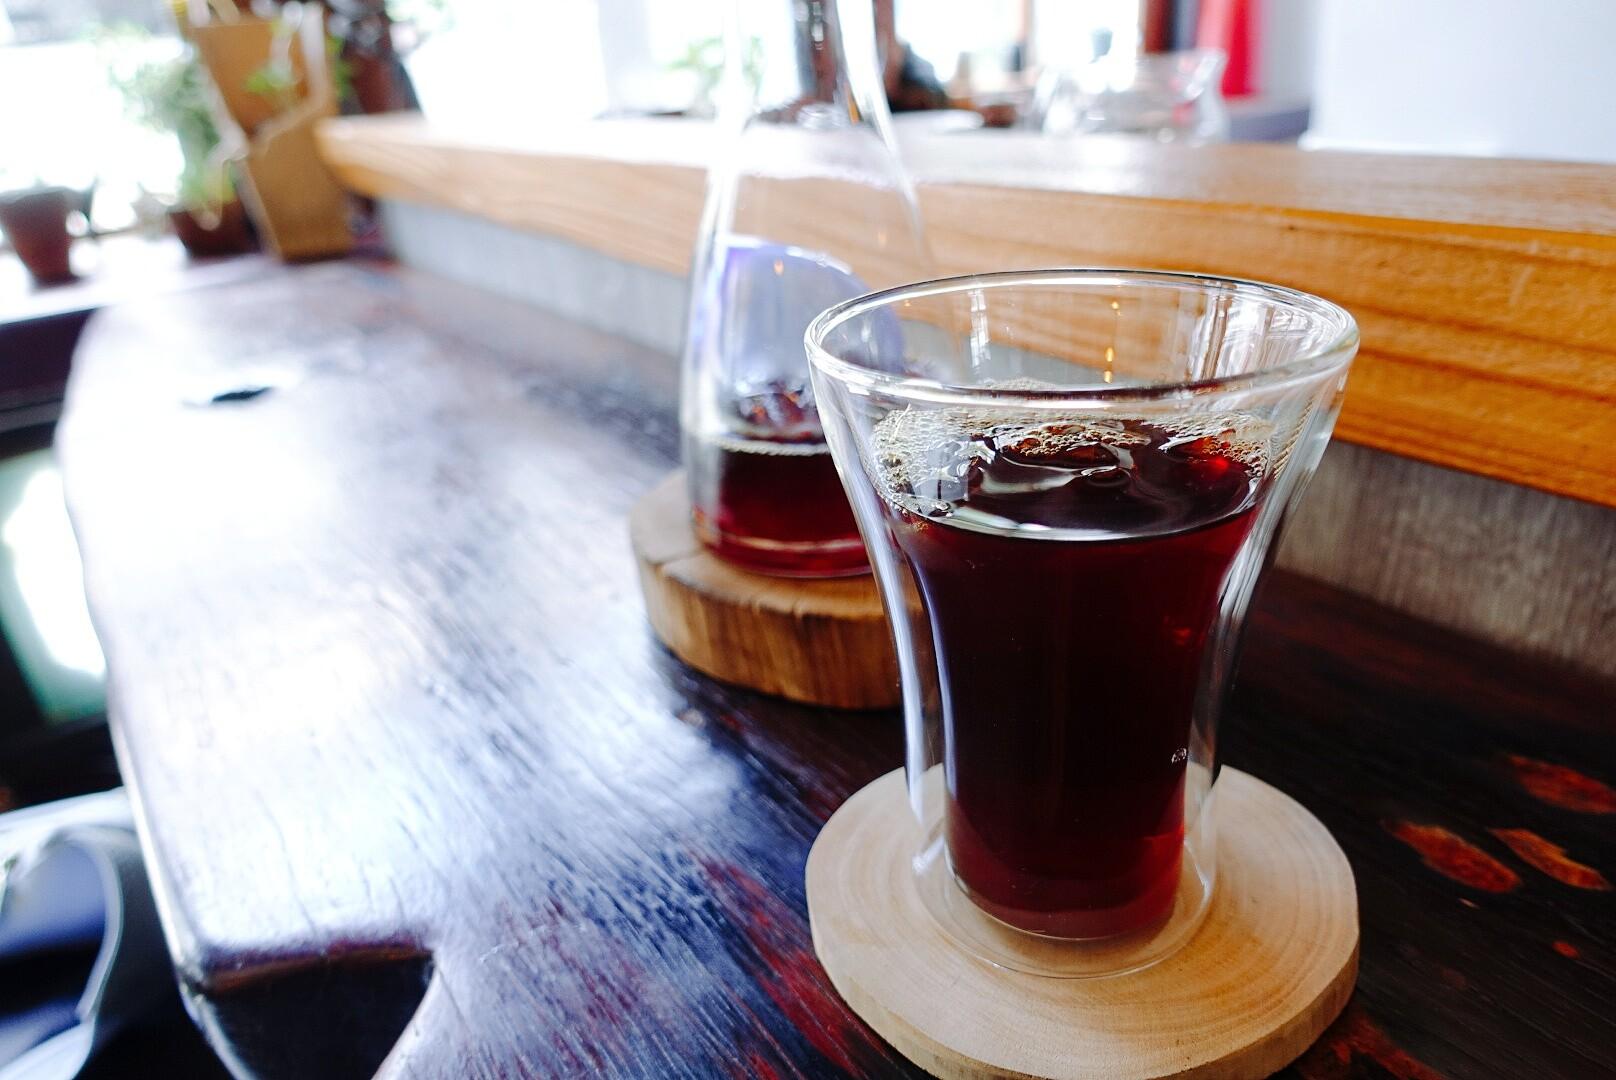 【花蓮市區】走後門咖啡|風味極佳的咖啡,原木打造的幽靜空間